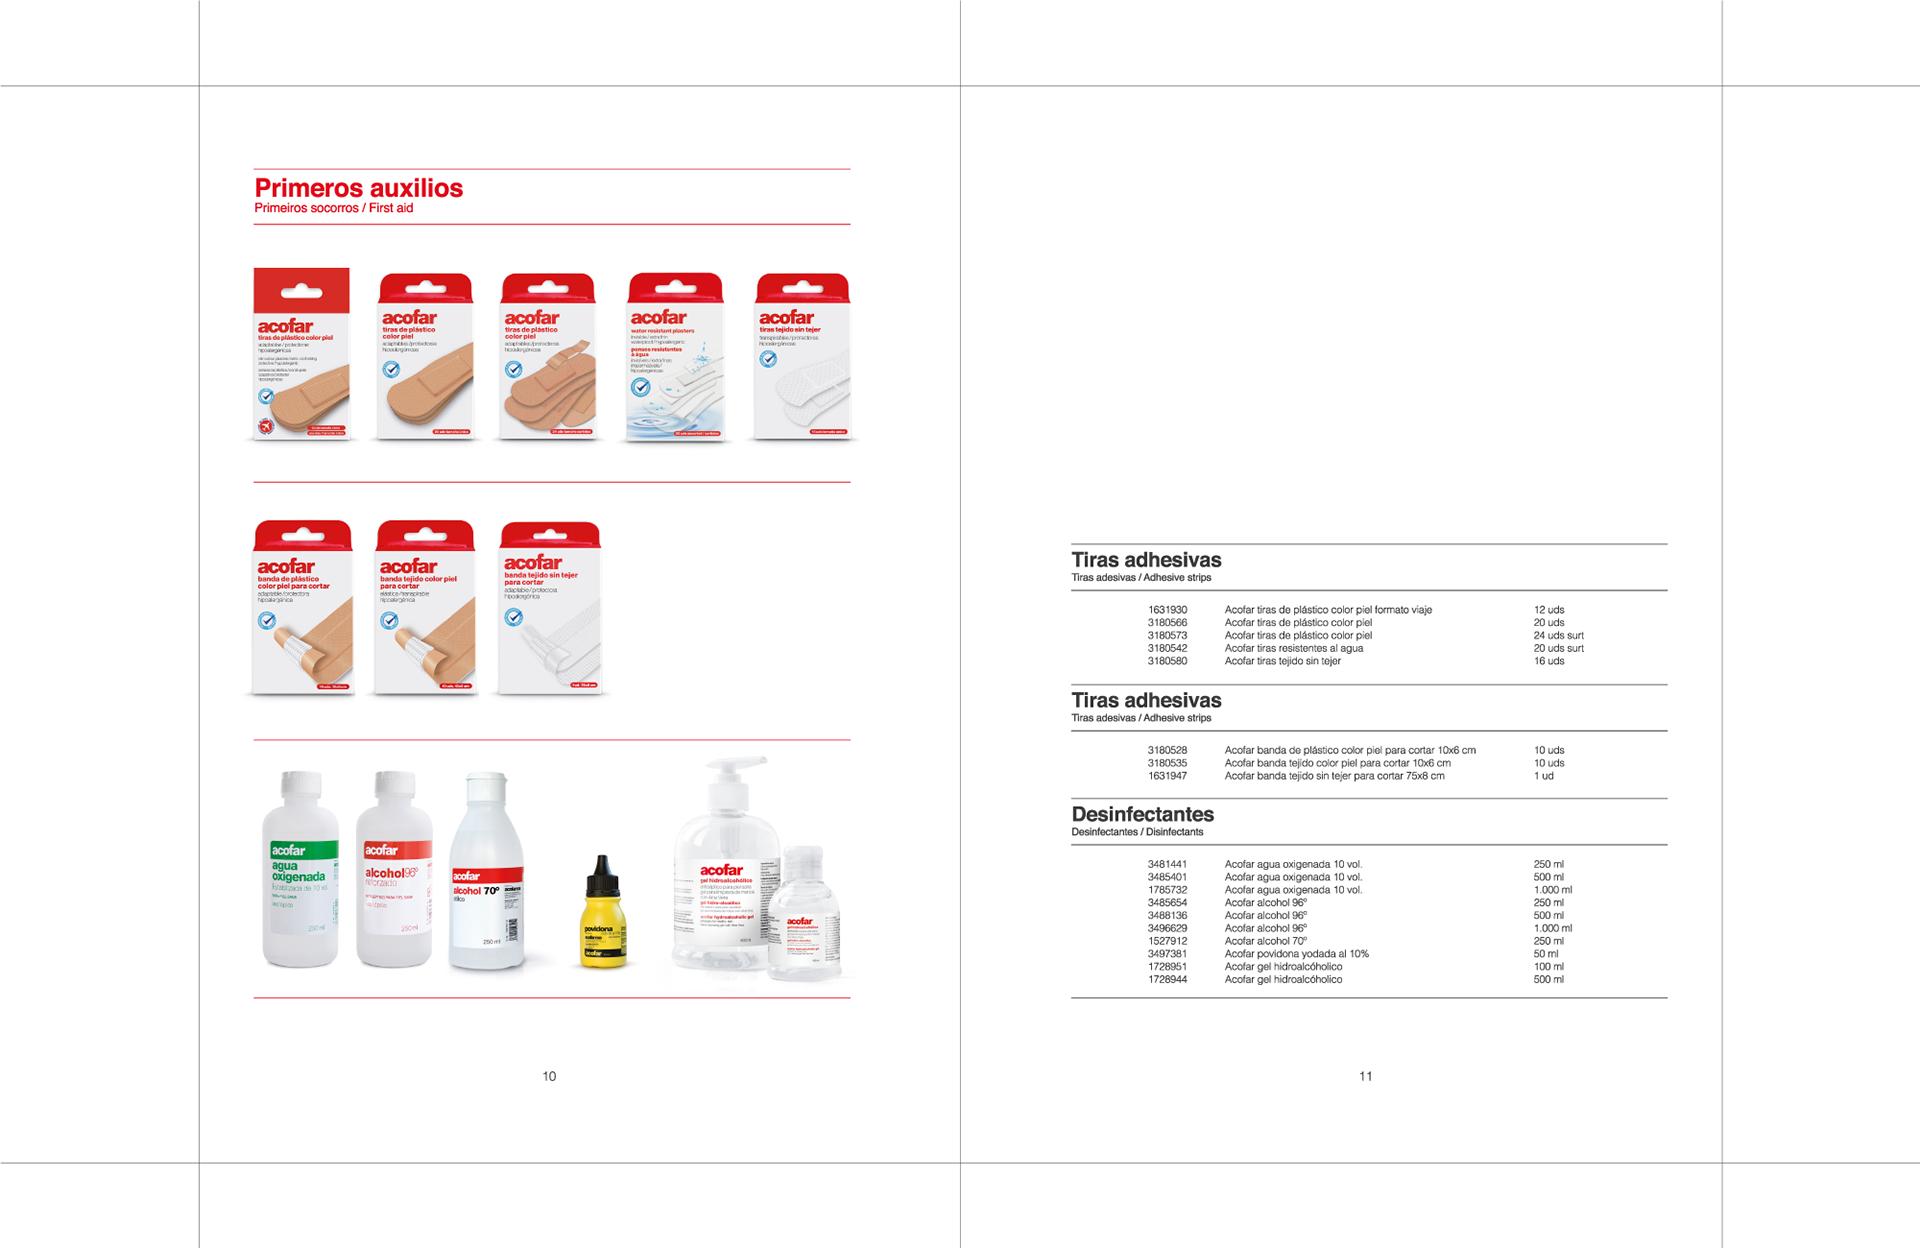 acofar_producto